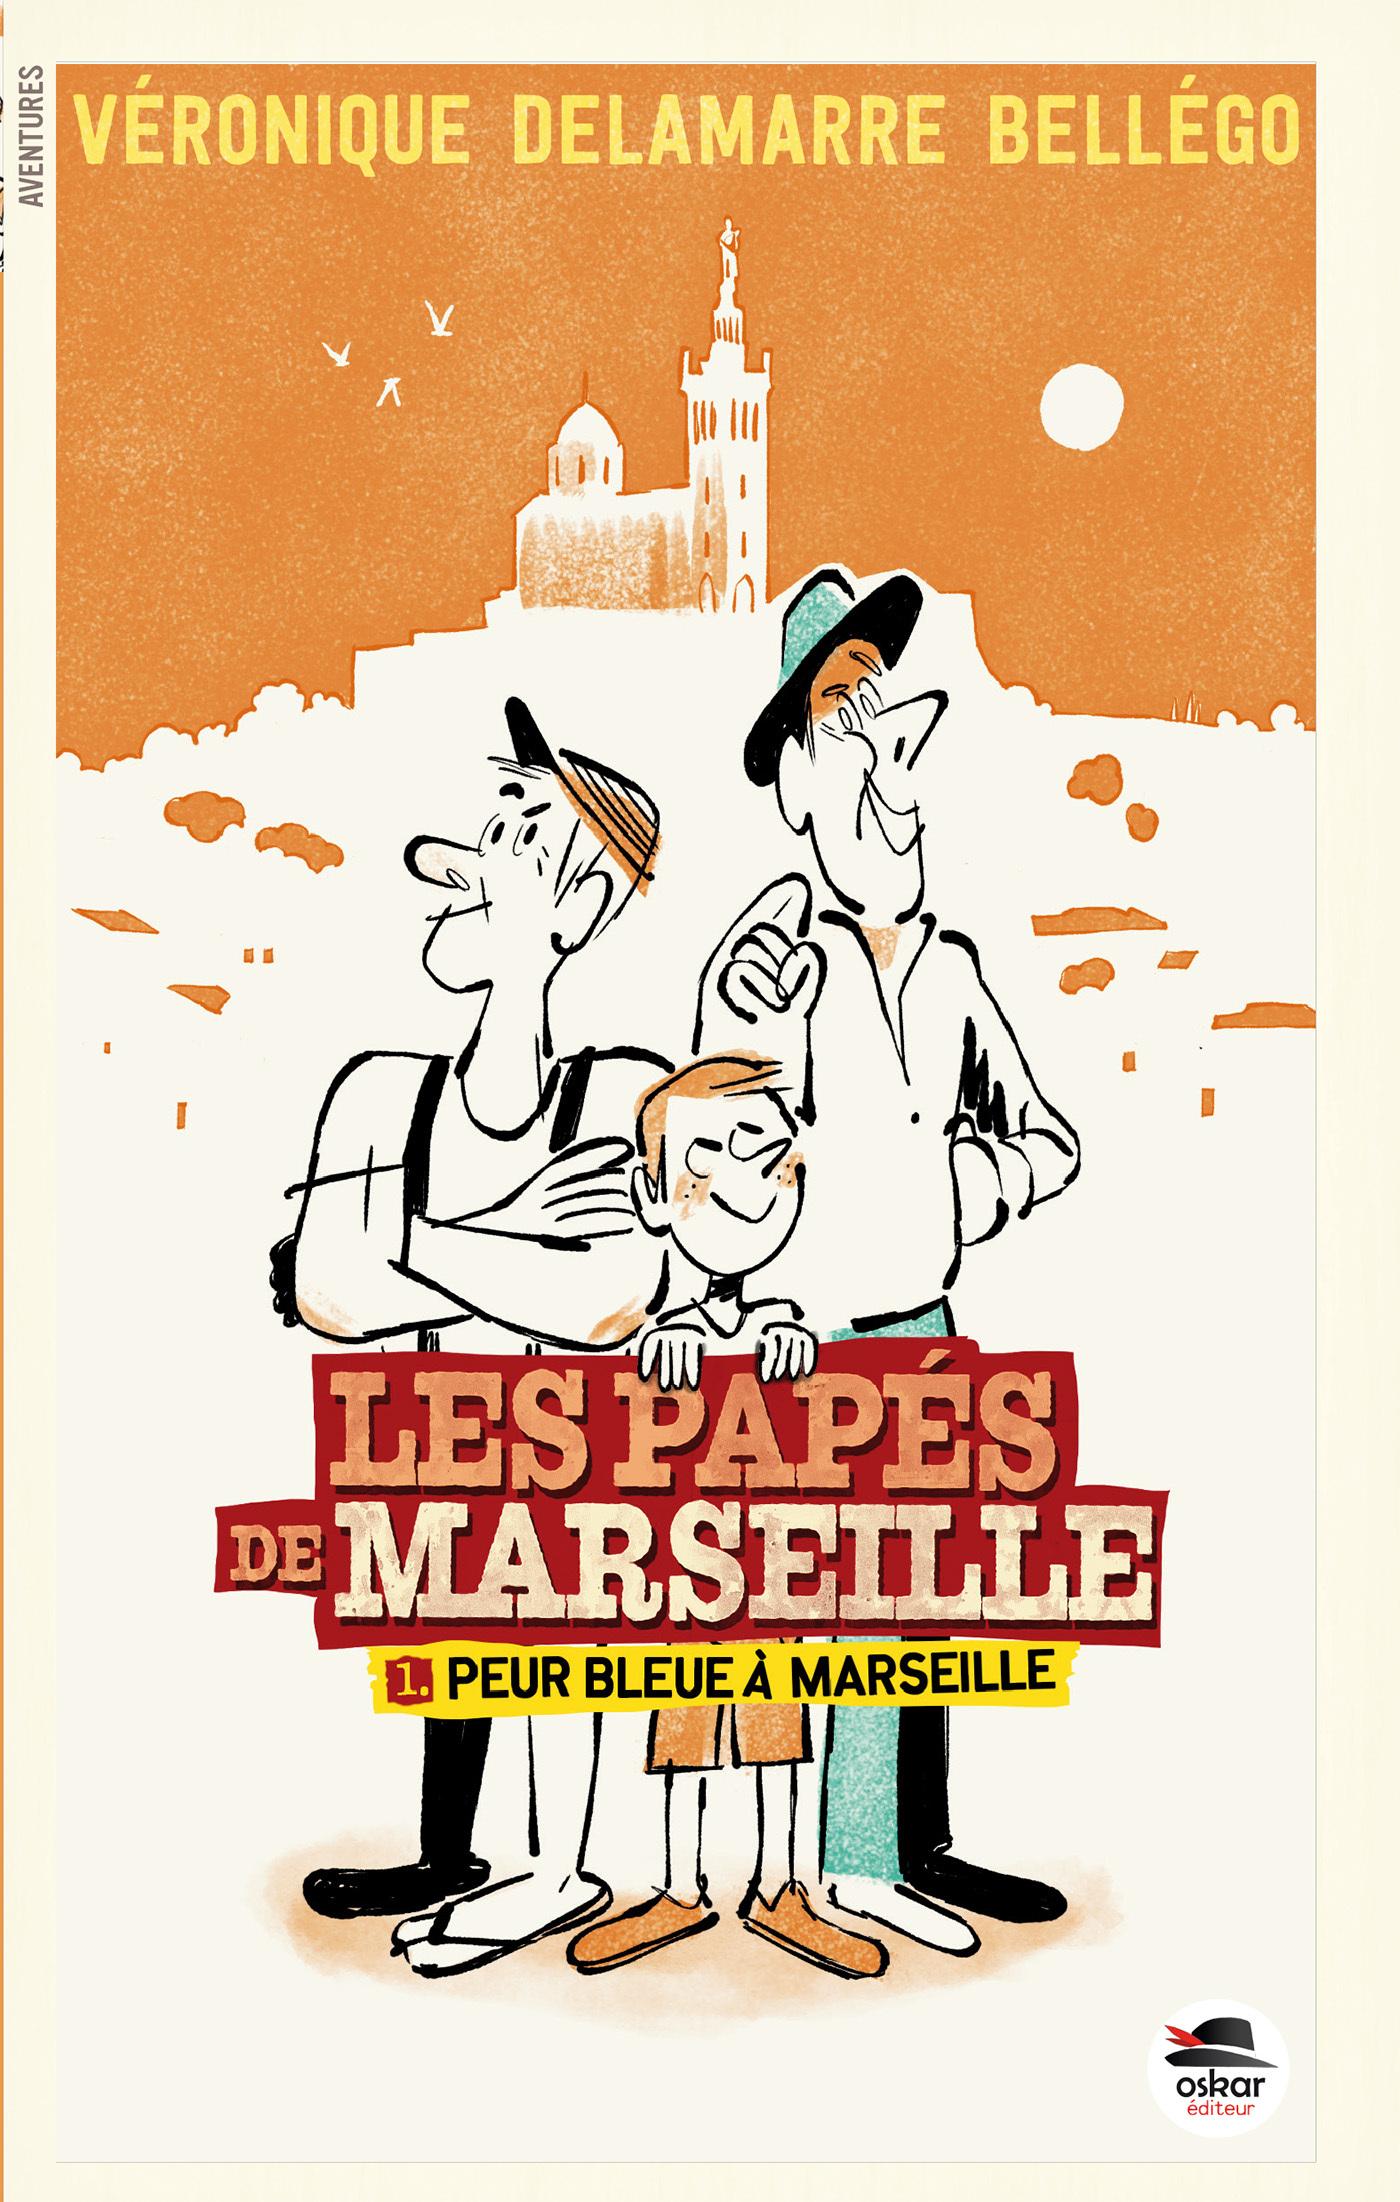 PEUR BLEUE A MARSEILLE - SERIE LES PAPES DE MARSEILLE